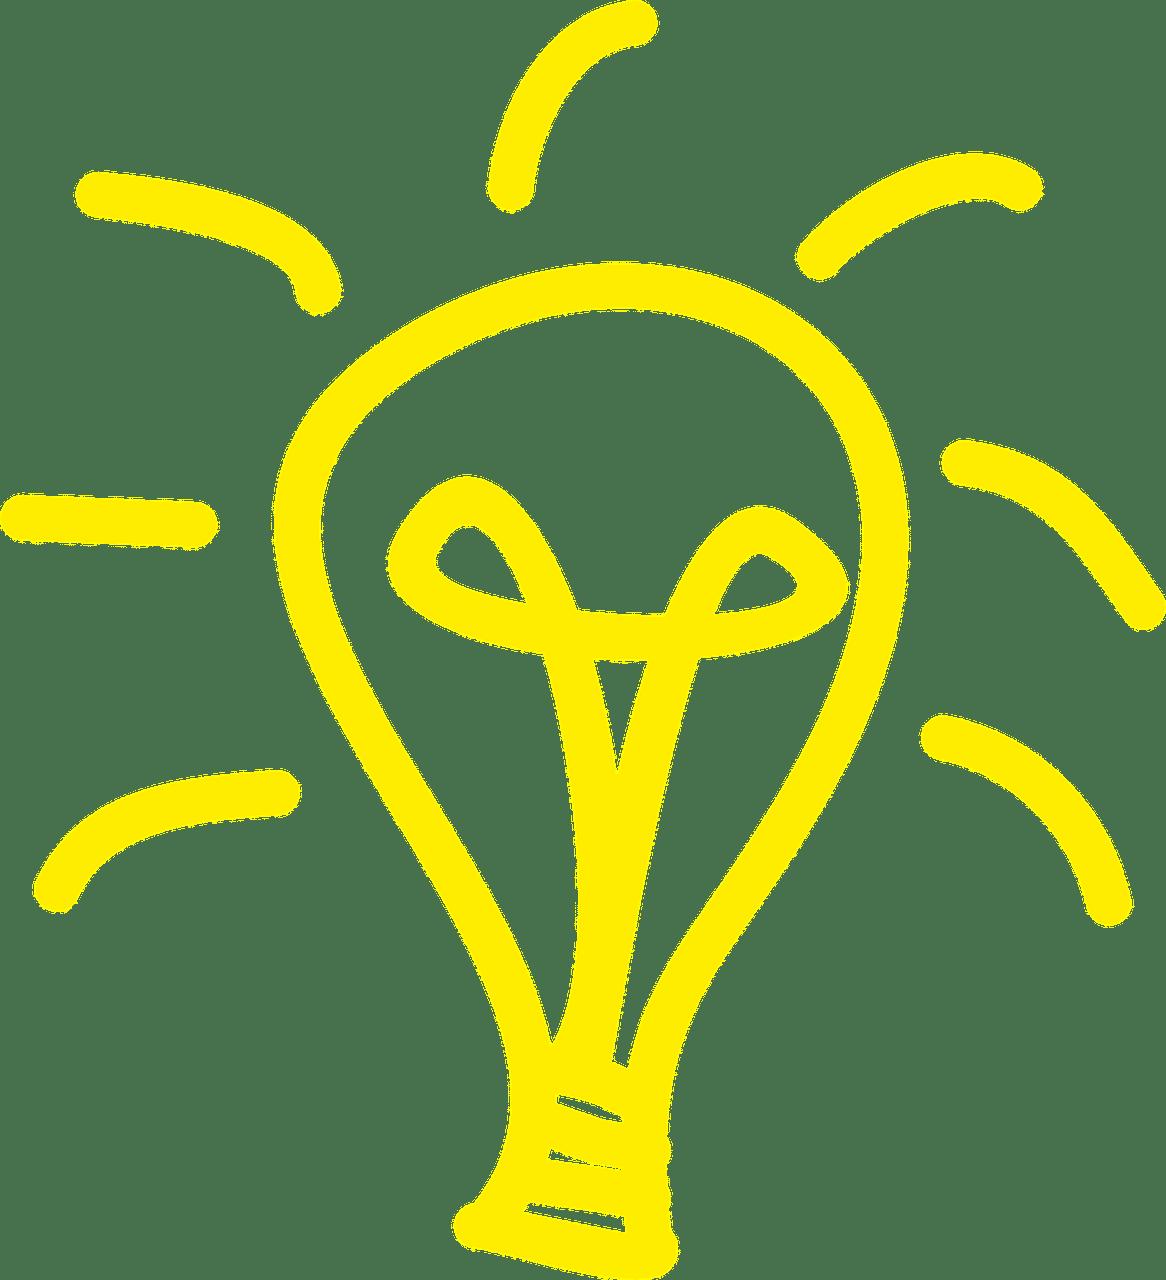 light-bulb-363064_1280 (2)